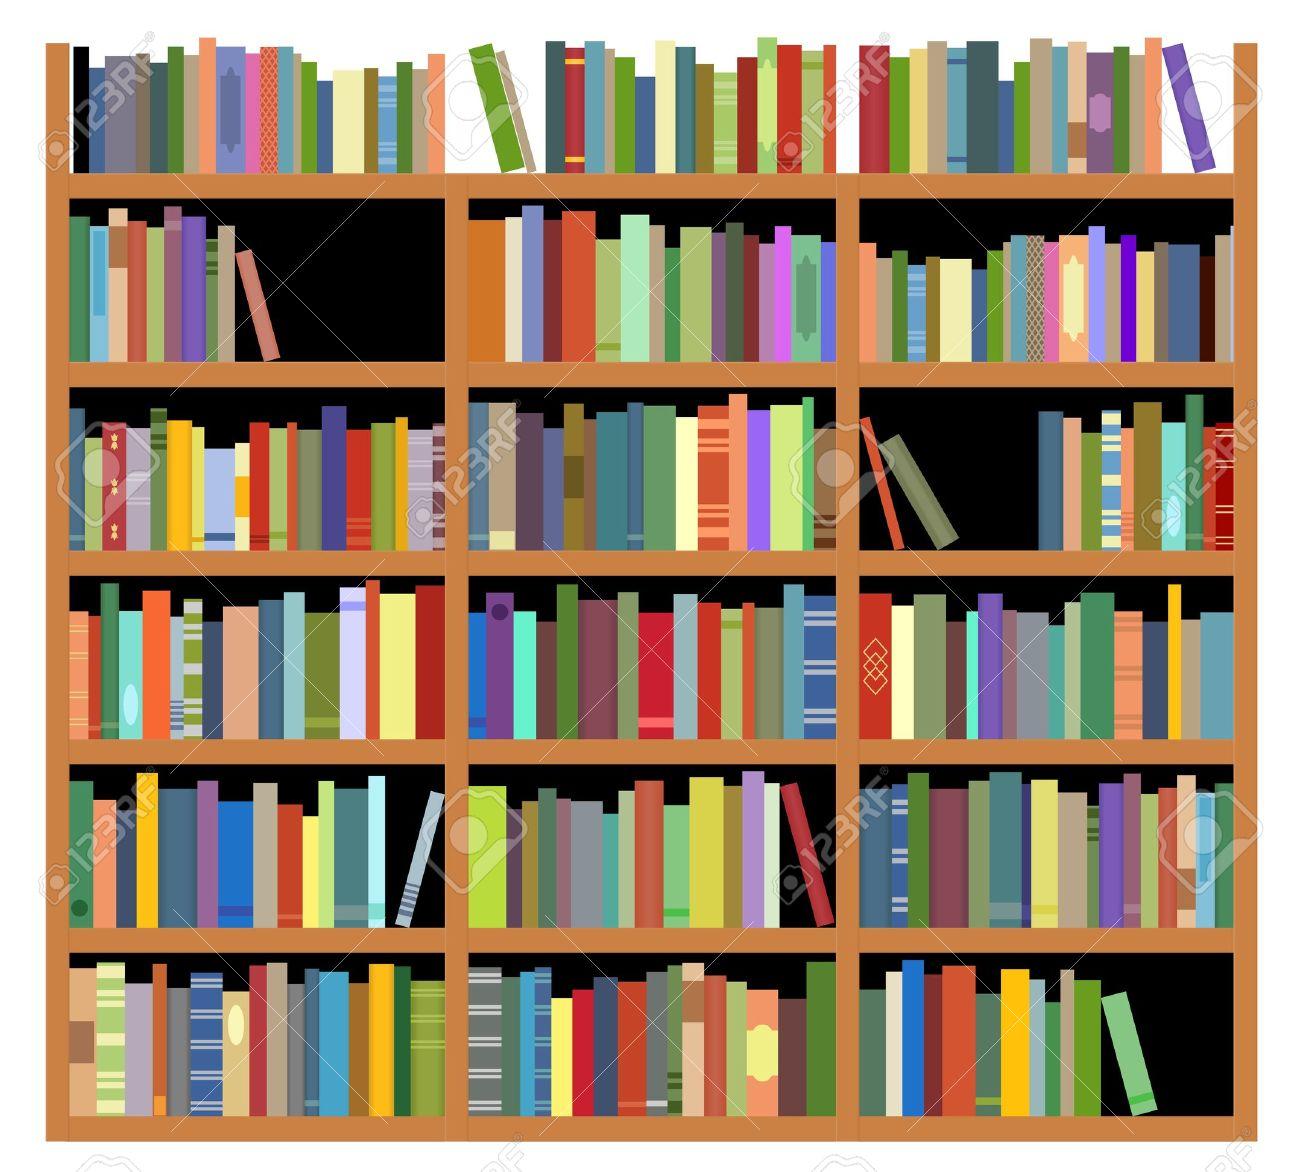 Bücherregal Mit Bücher Auf Weißem Hintergrund Zu Bildungs oder ...